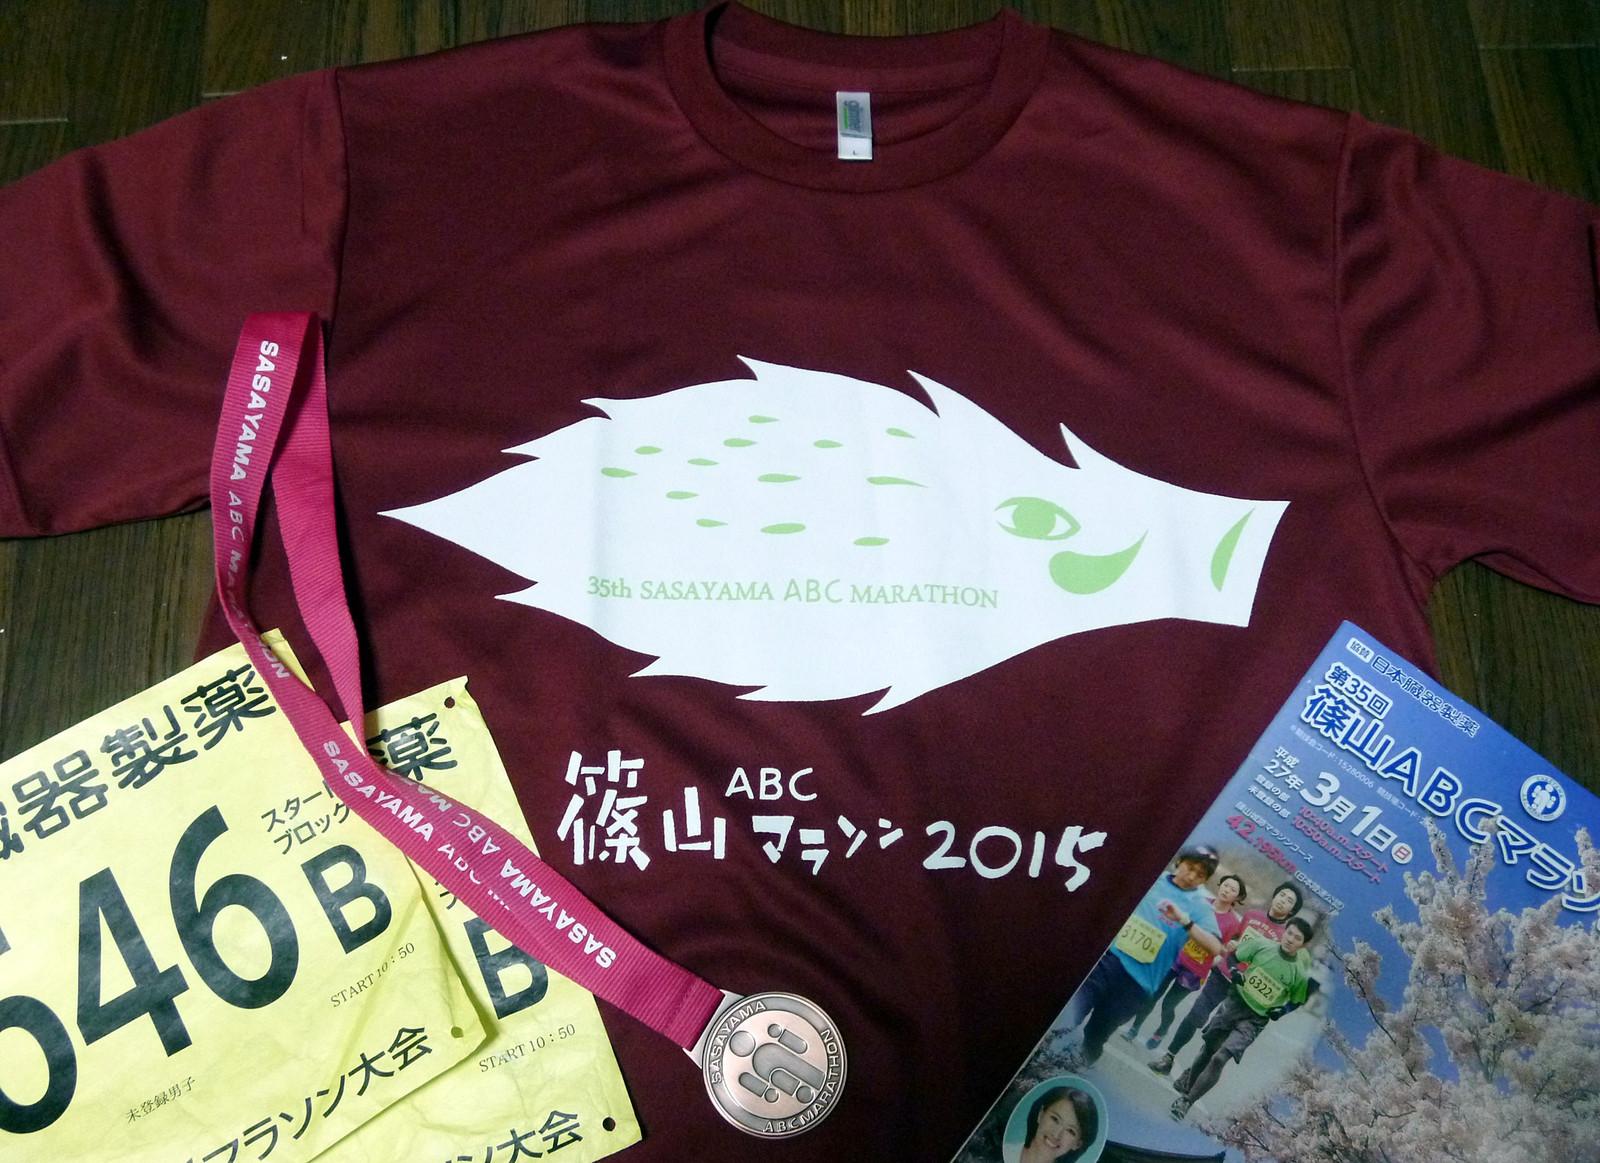 Sasayama20152